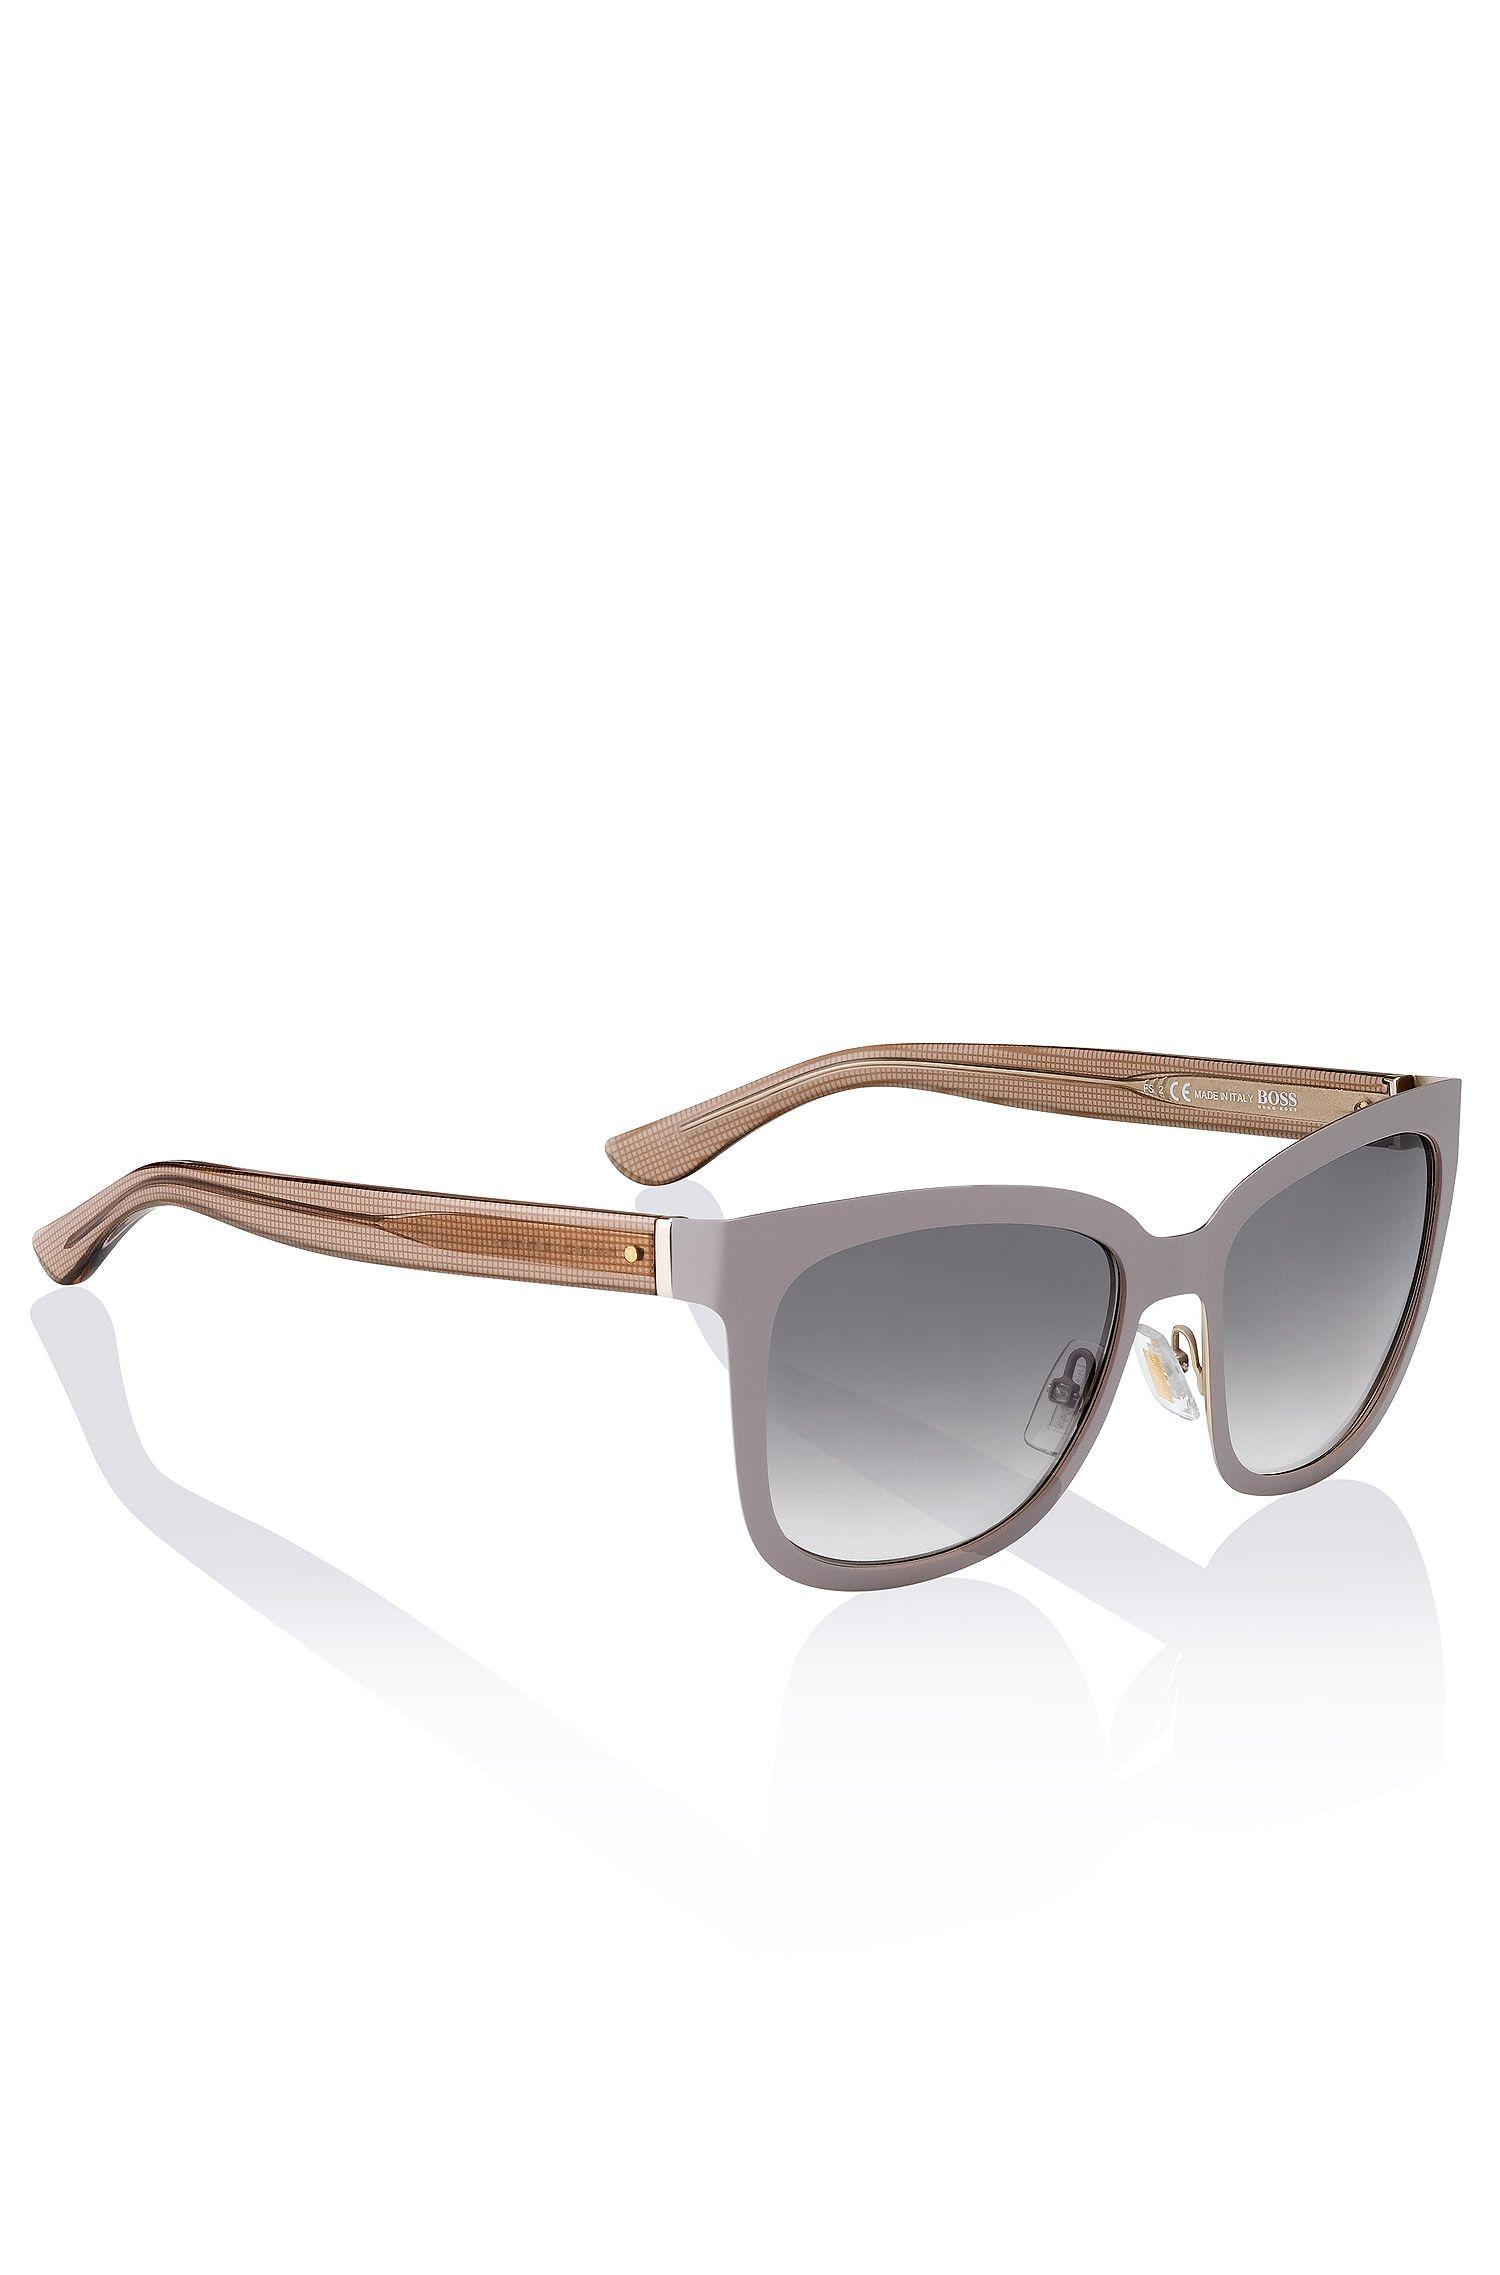 Sonnenbrille ´BOSS 0676` aus Acetat